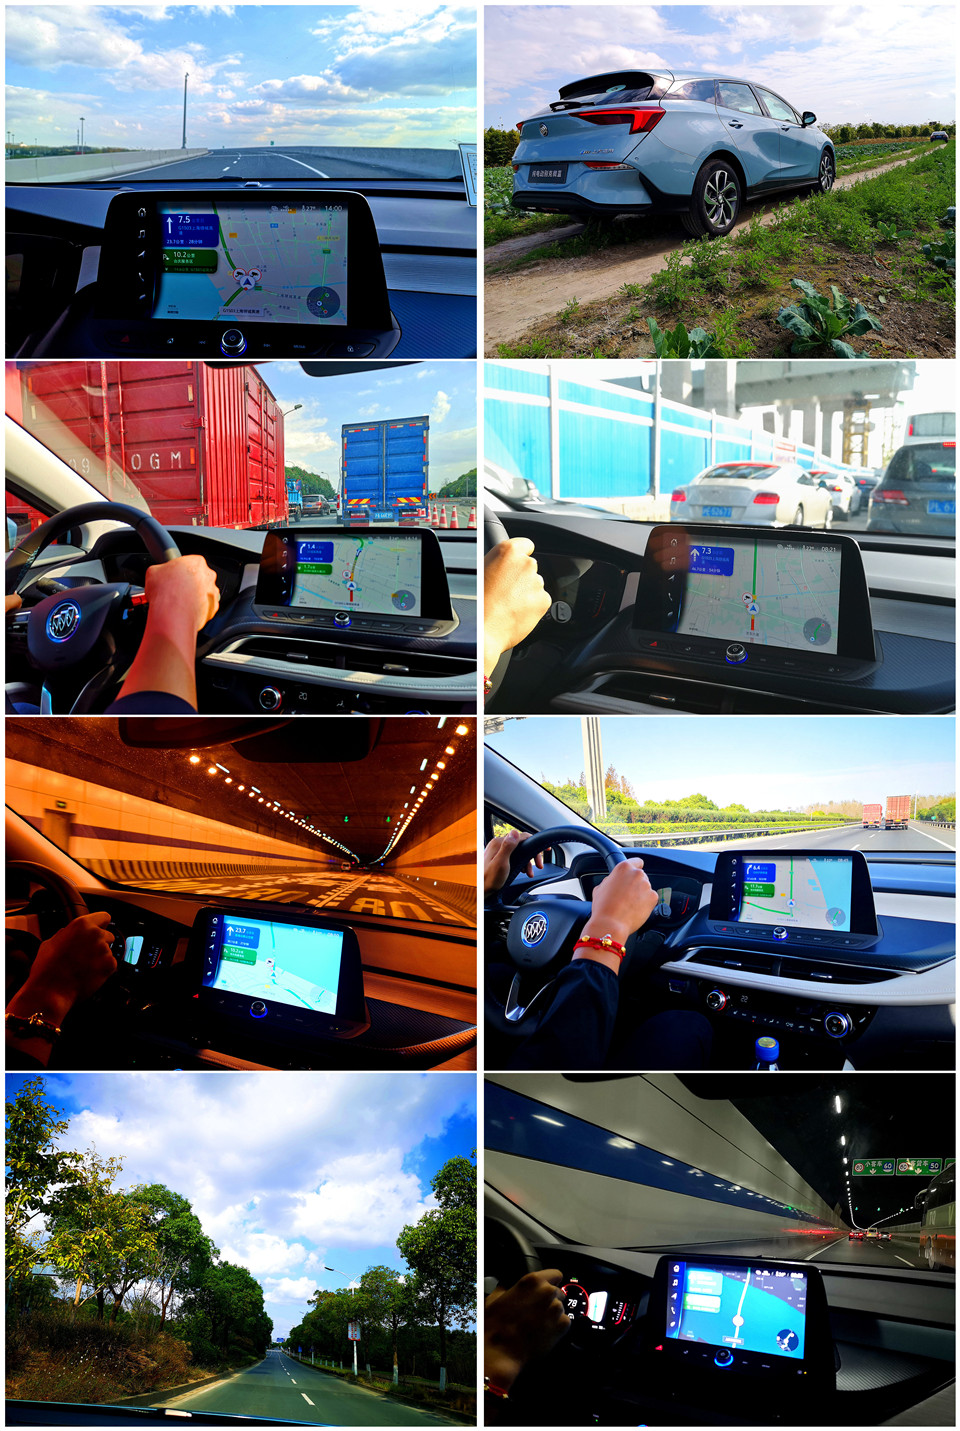 一电试车 | 试驾别克微蓝410版,动力续航升级,能耗下降!